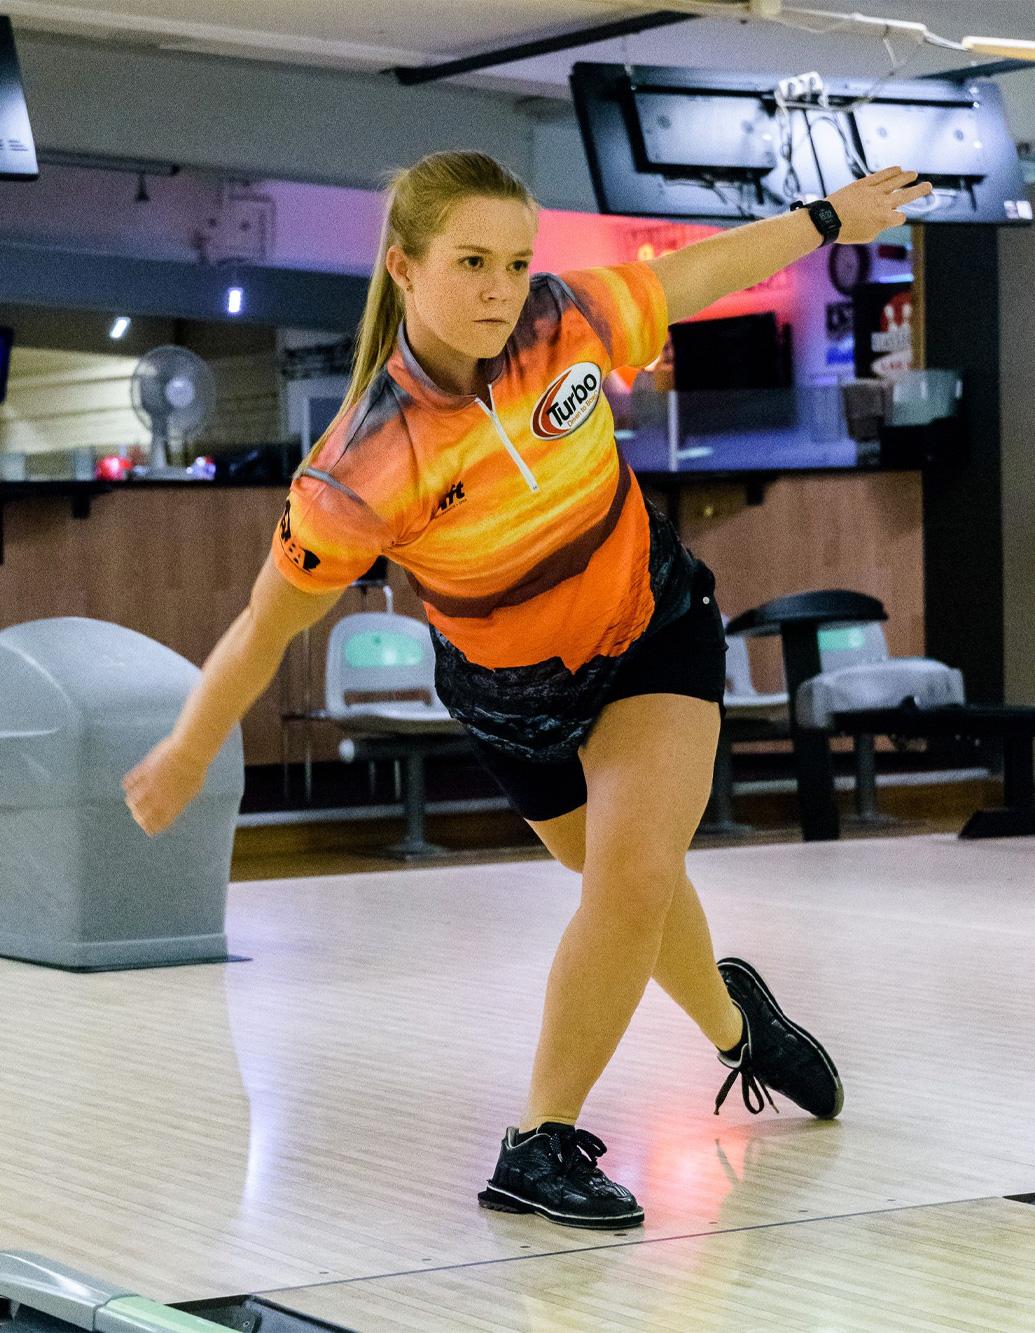 Blomqvist-bowling-jersey-rift-oct-2020-01